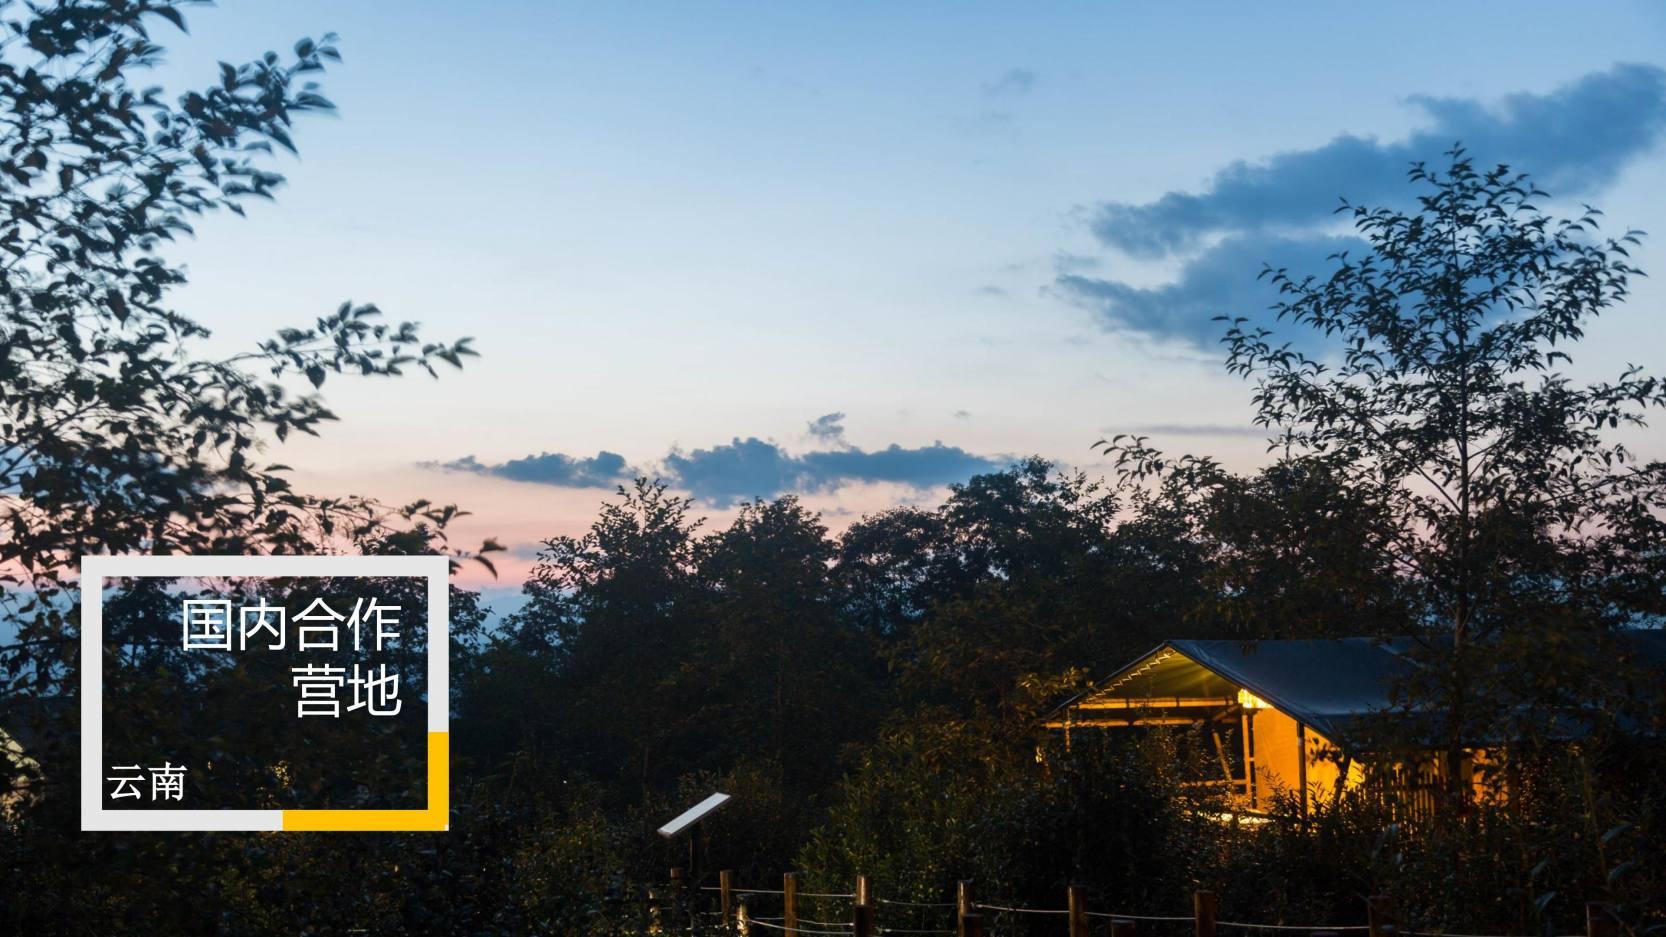 喜马拉雅野奢帐篷 (25)